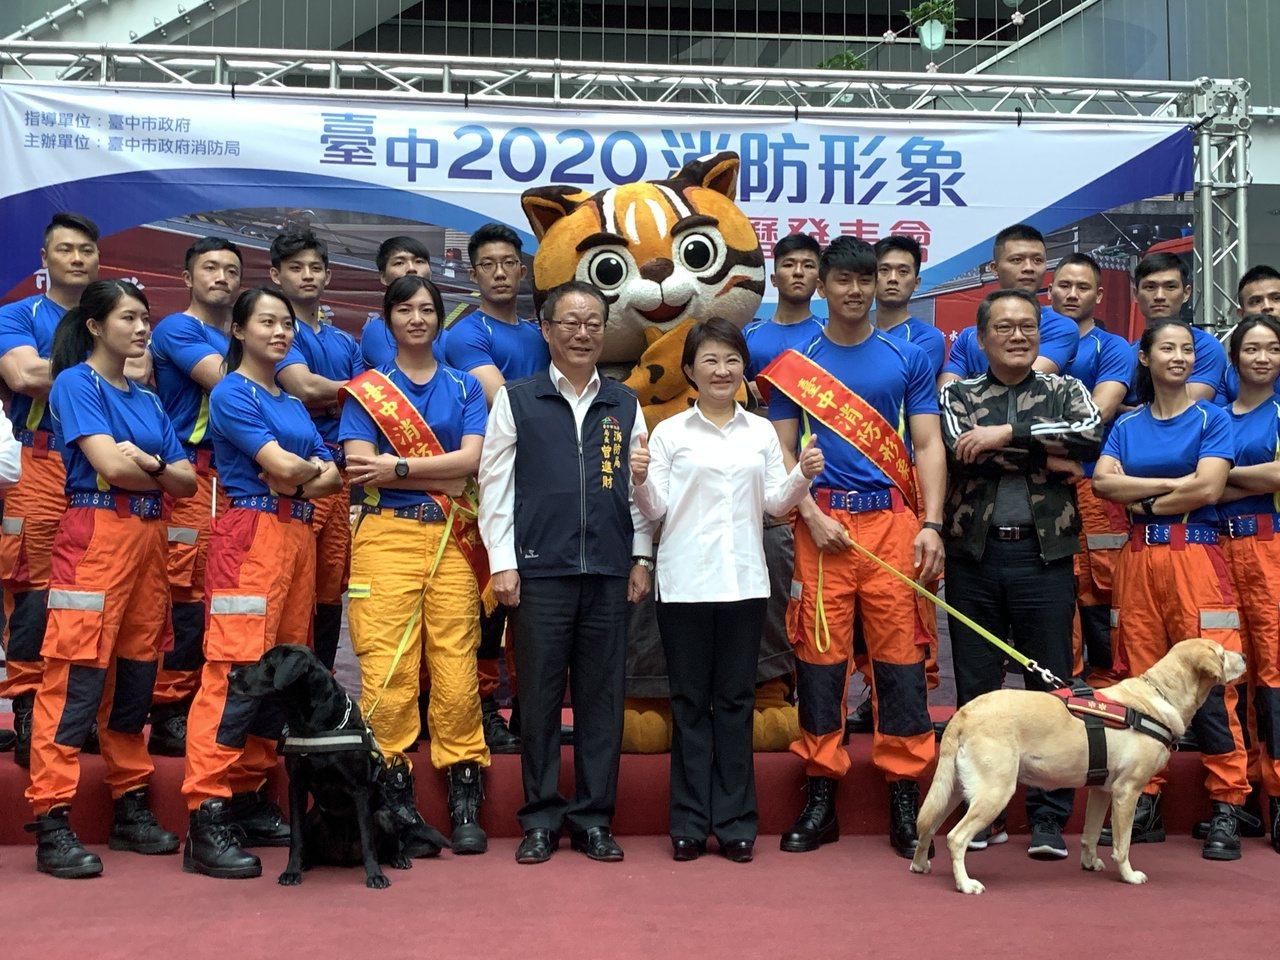 台中市消防局首次發表以消防人員為拍攝主題的2020年消防形象月曆,藉此宣導火災預...